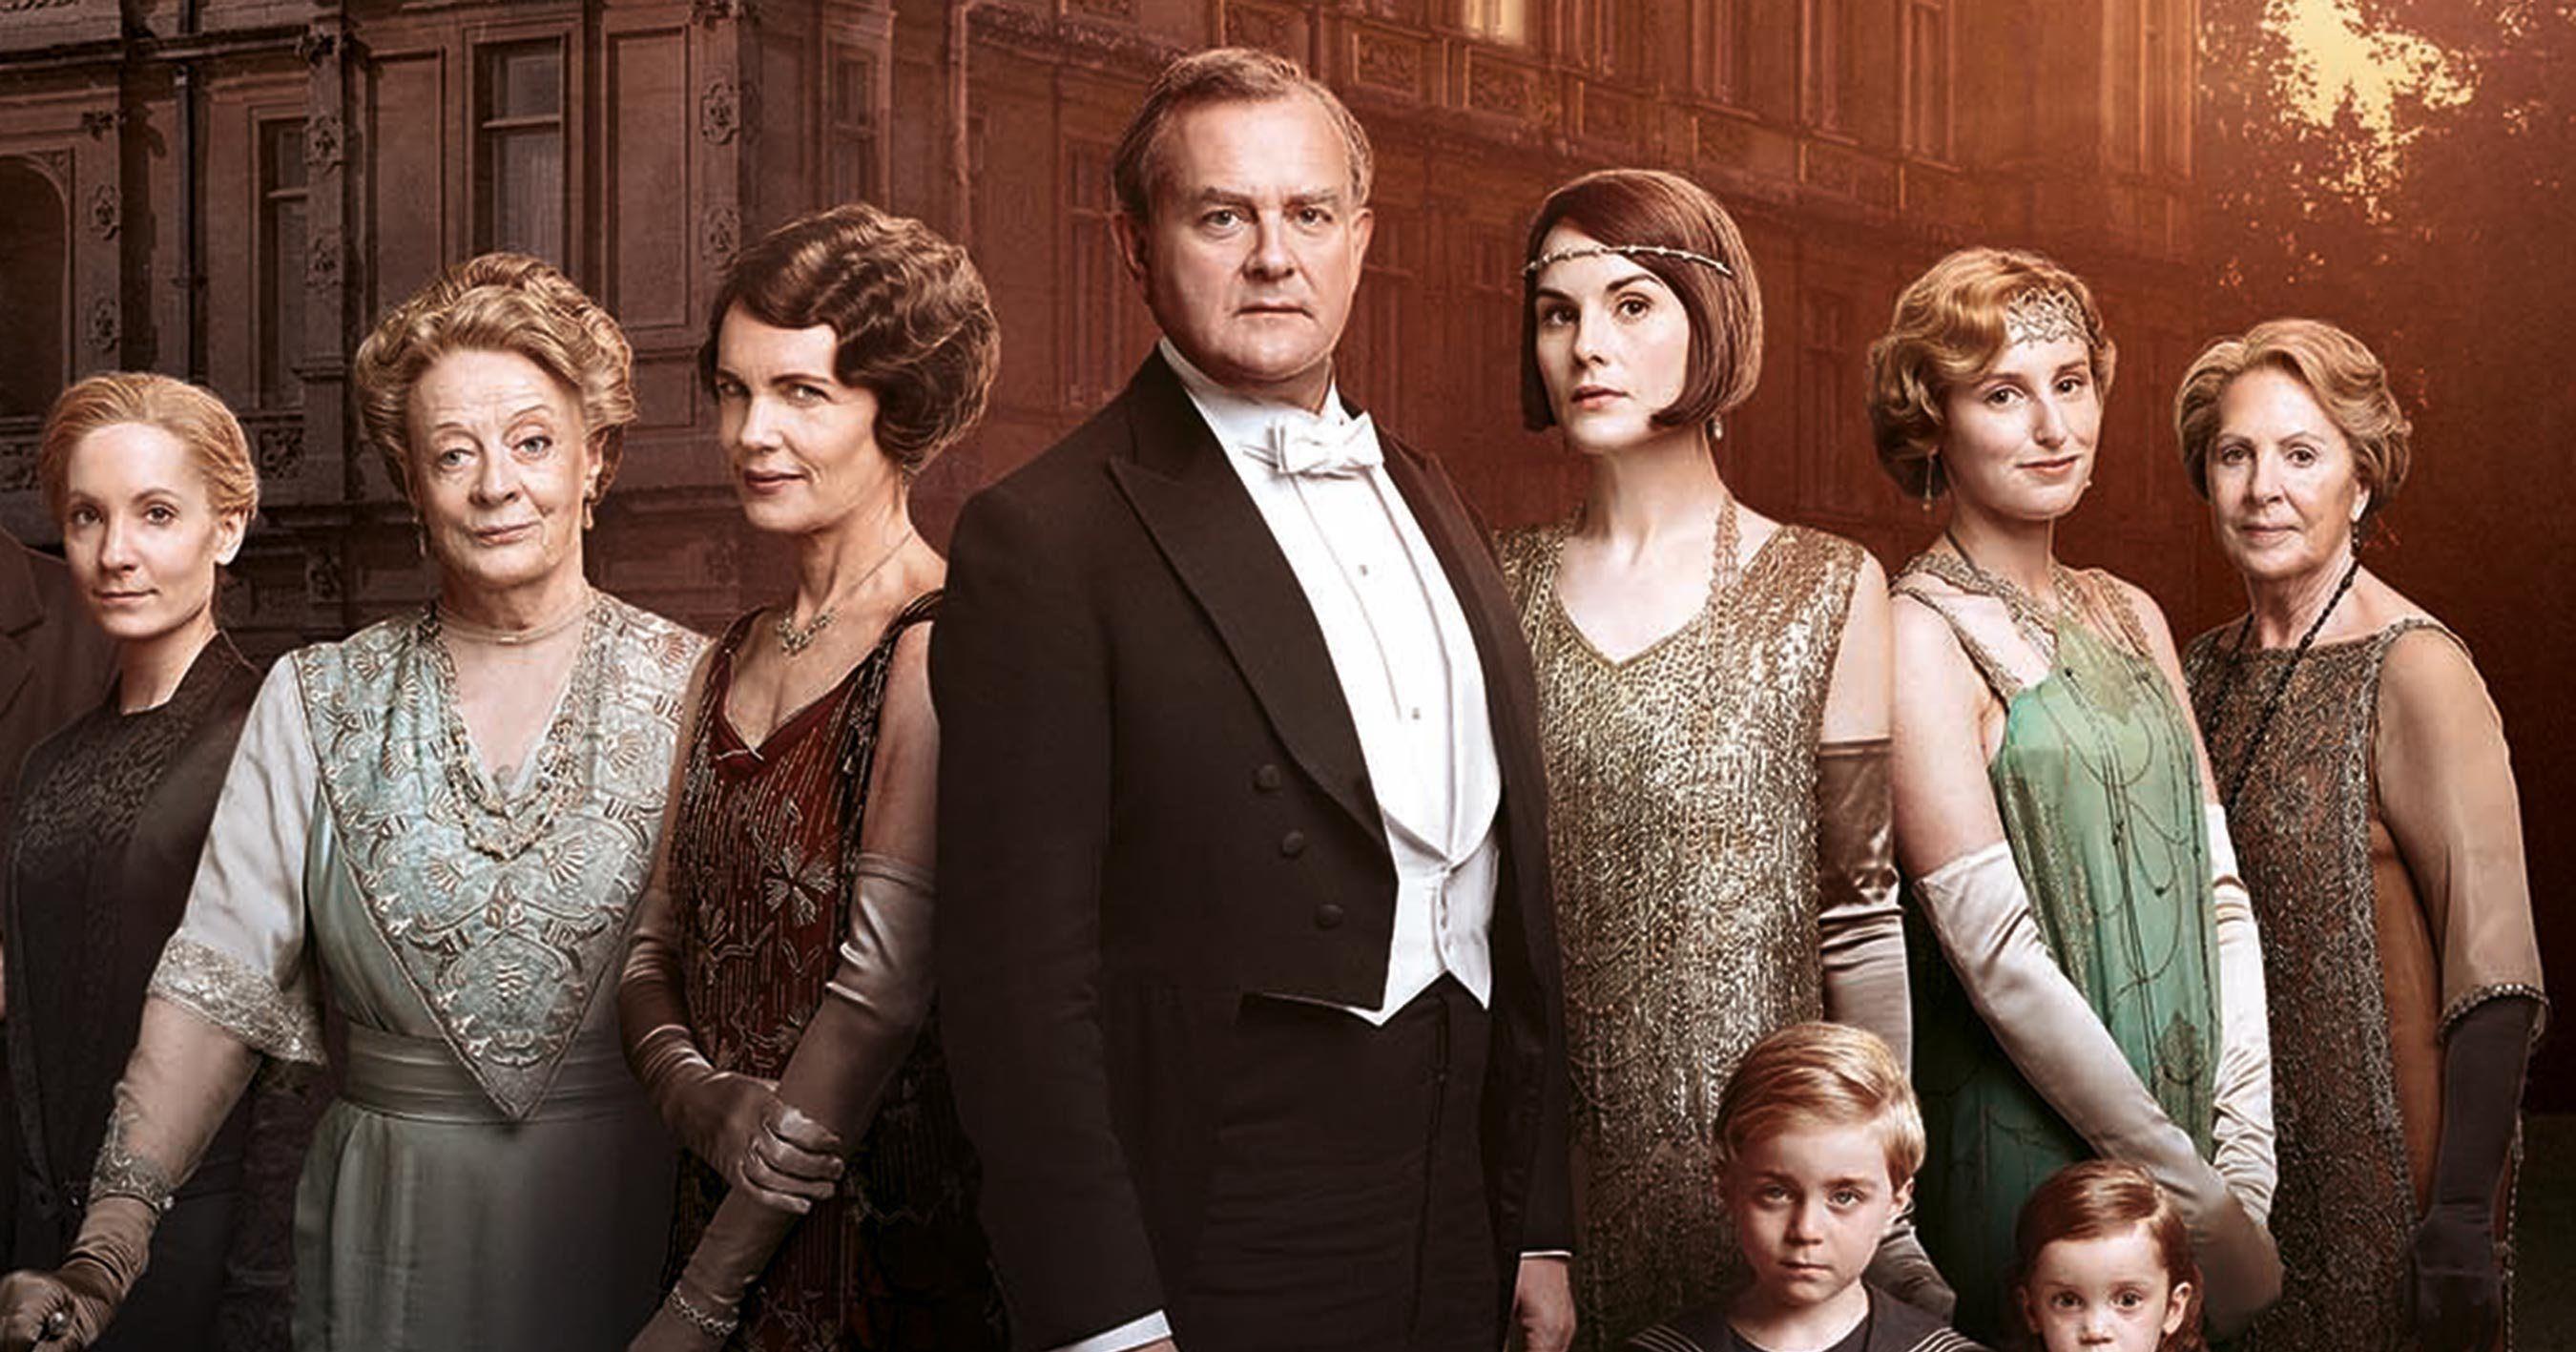 """Résultat de recherche d'images pour """"Downton Abbey movie"""""""